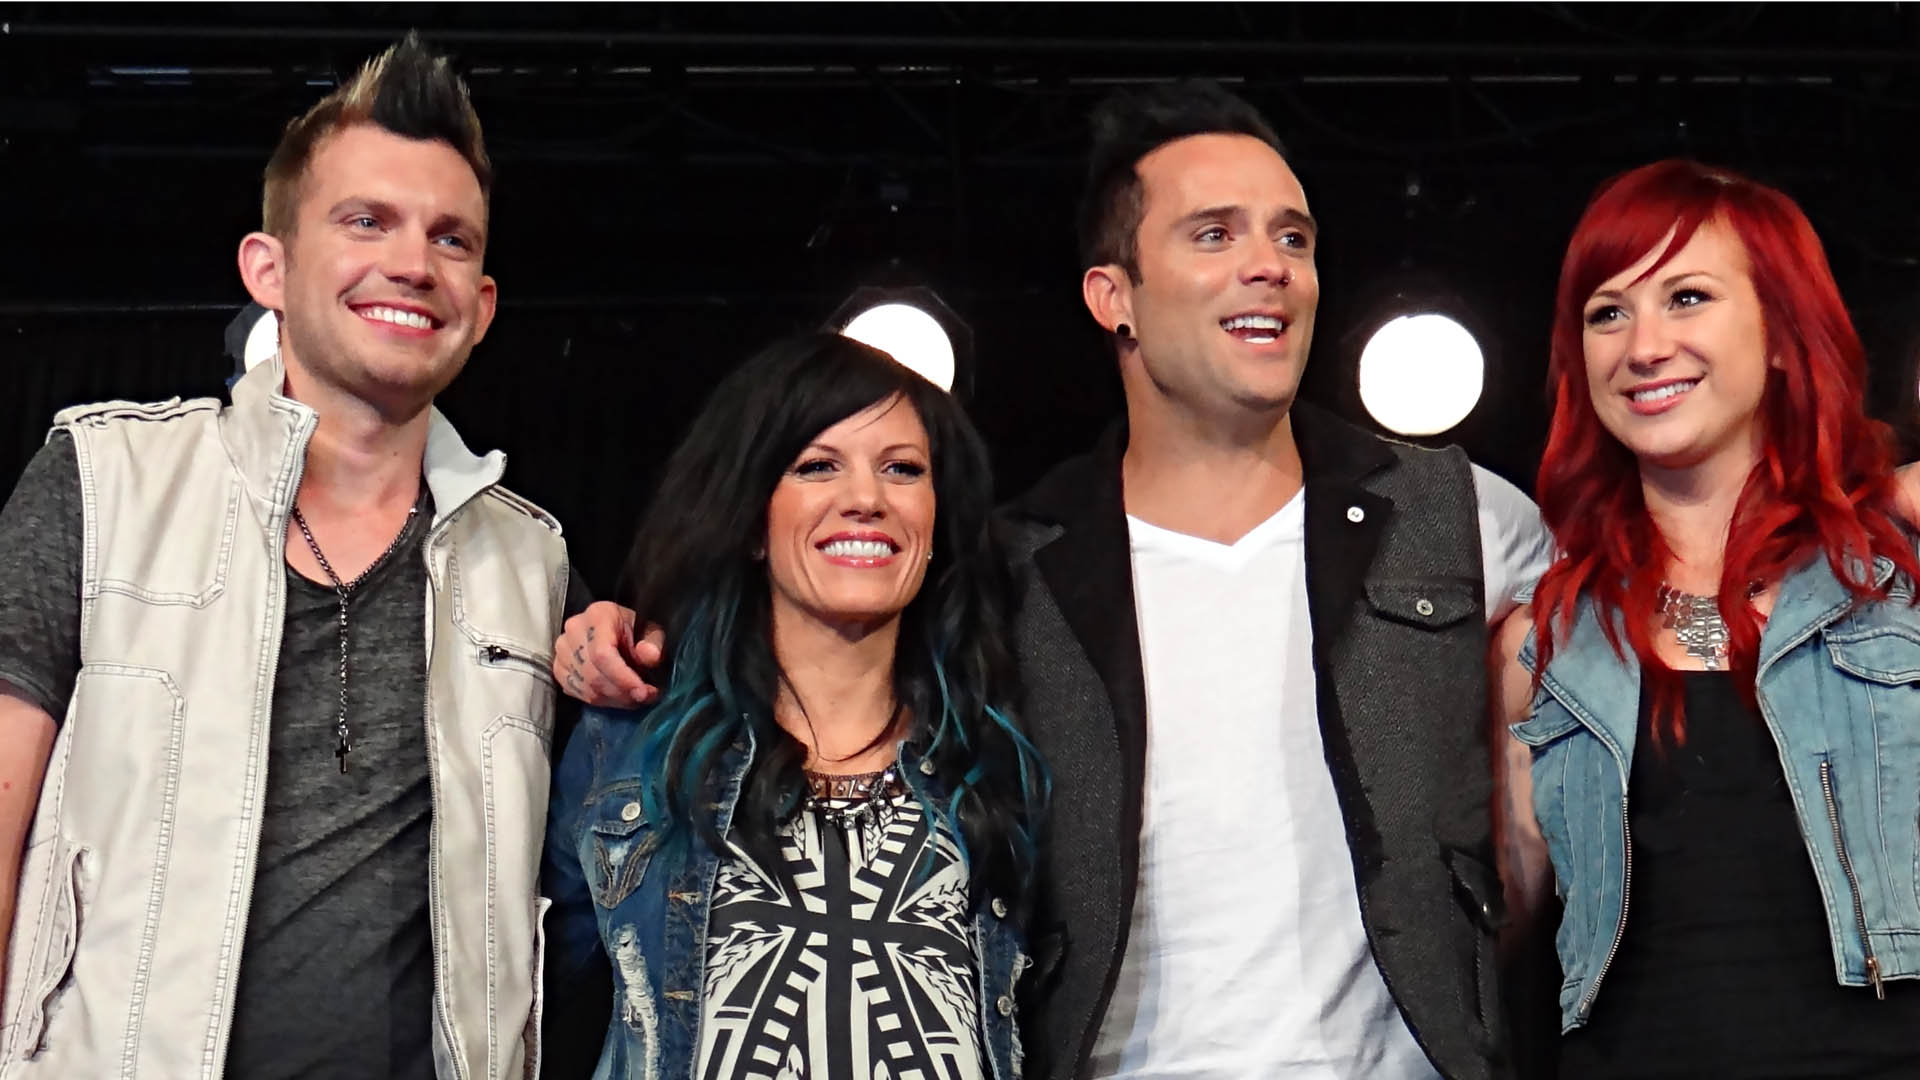 Die Skillet-Bandkollegen im Jahr 2013: Gitarrist Seth Morrison, Keyboarderin Korey Cooper und ihr Ehemann und Lead-Sänger John L. Cooper sowie Schlagzeugerin Jen Ledger